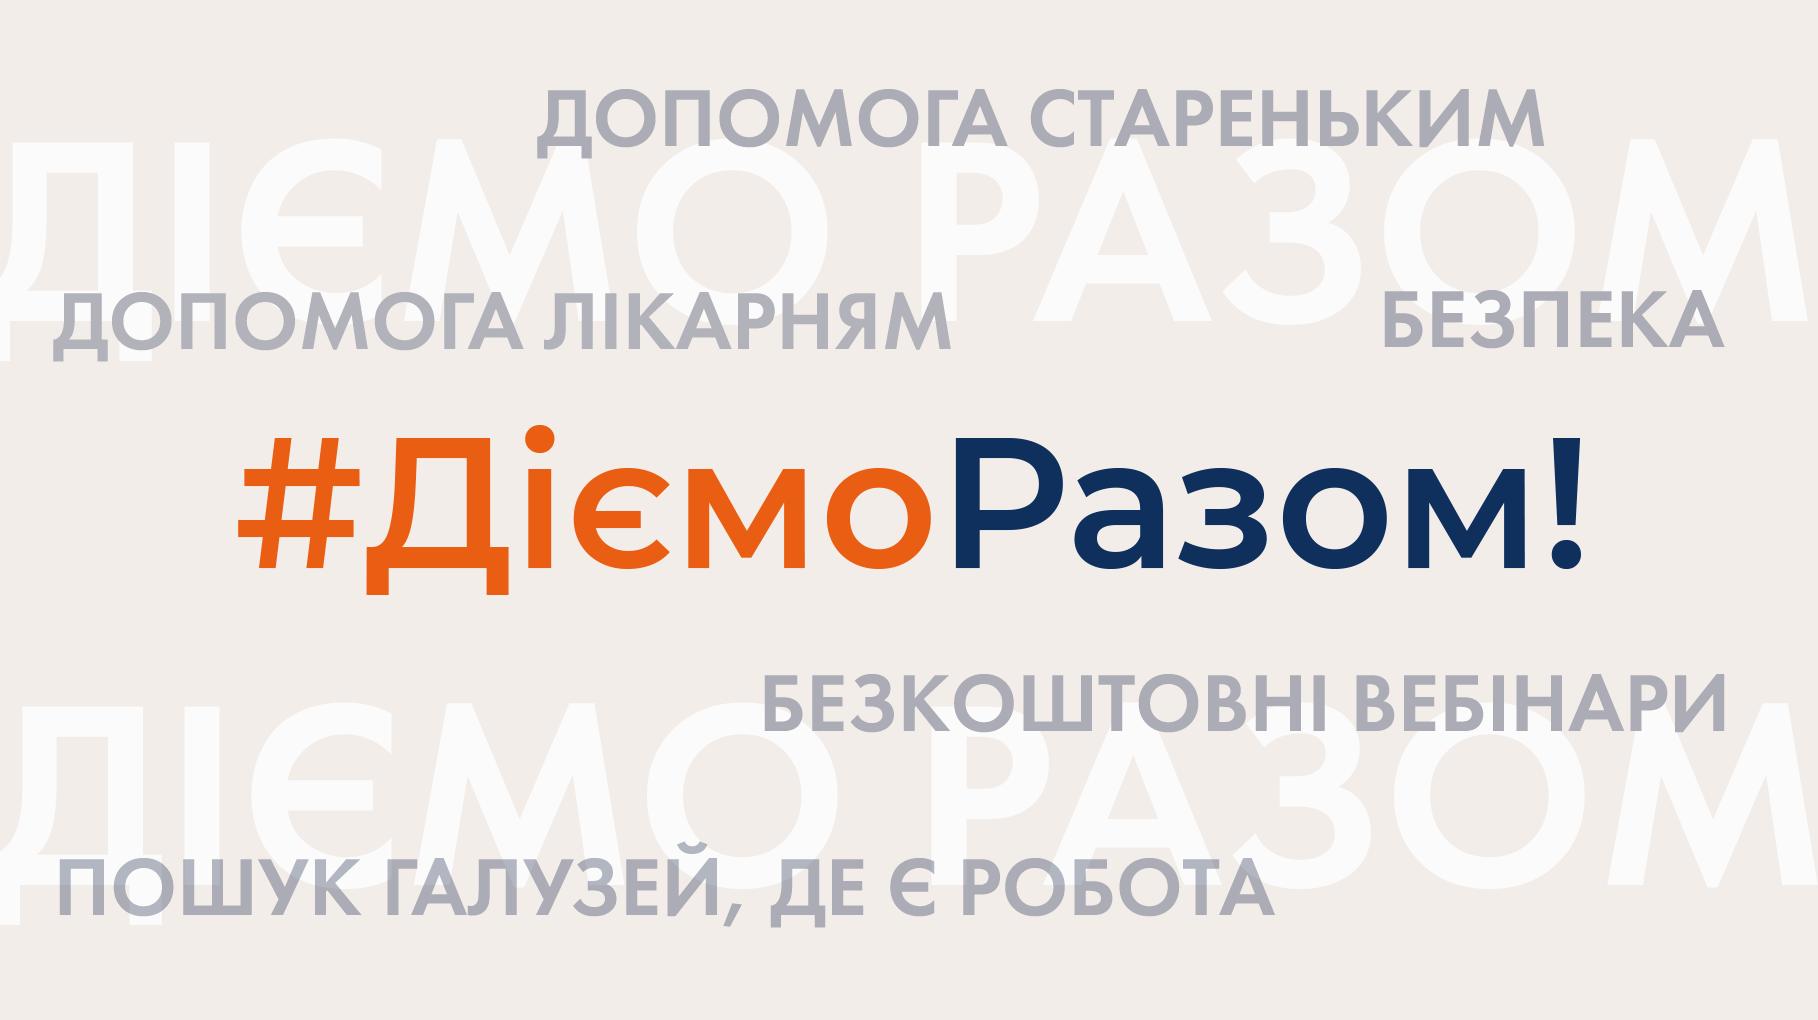 «Действуем вместе»: как во Львове следят нужды больниц, координируют предпринимателей меценатов и ищут людям работу